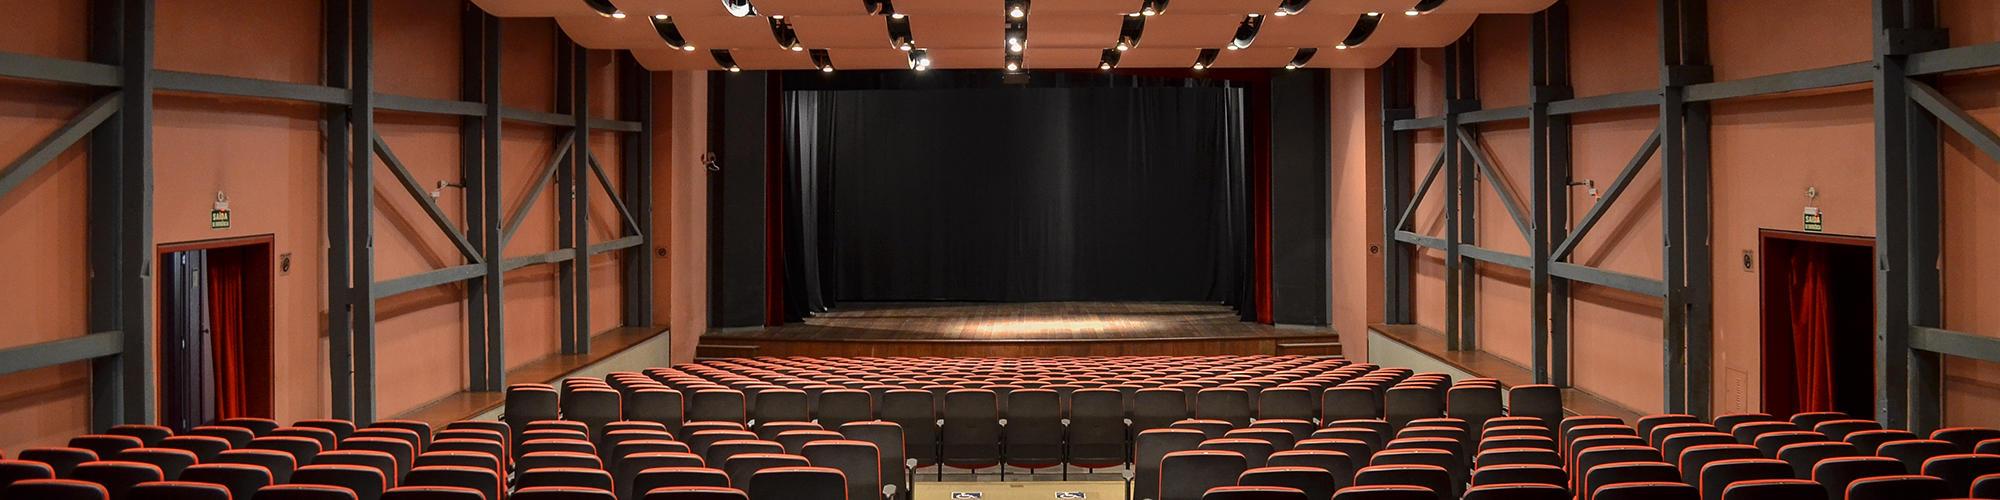 teatro ok